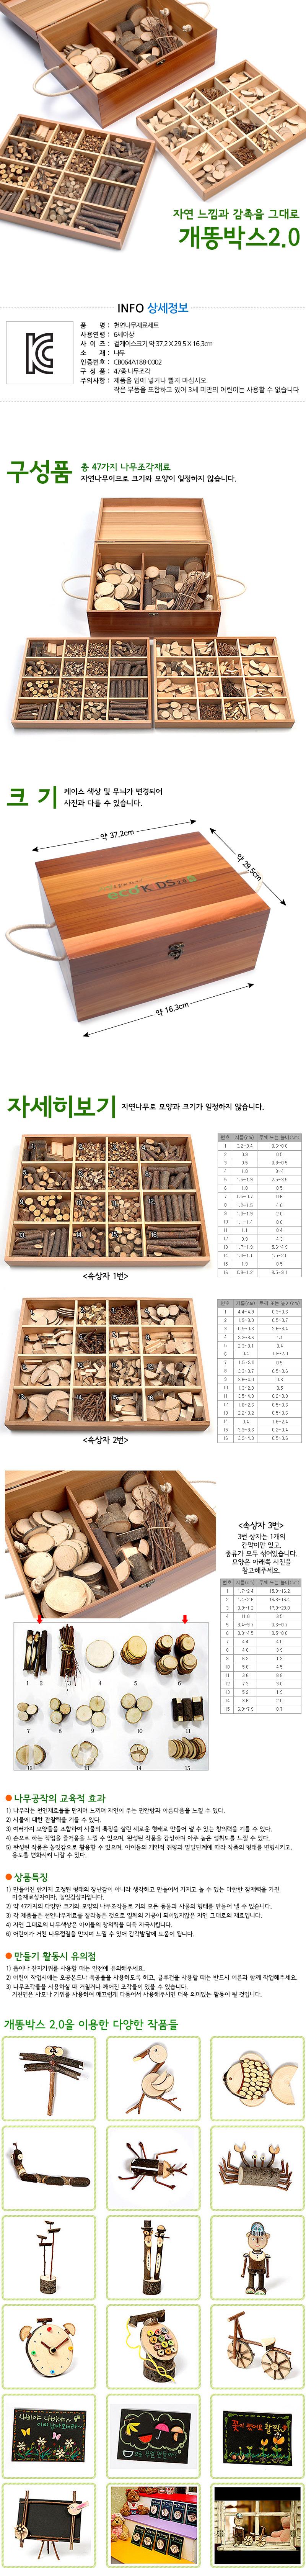 개똥박스 2.0 - 에코키즈, 148,000원, 우드공예, 우드공예 재료